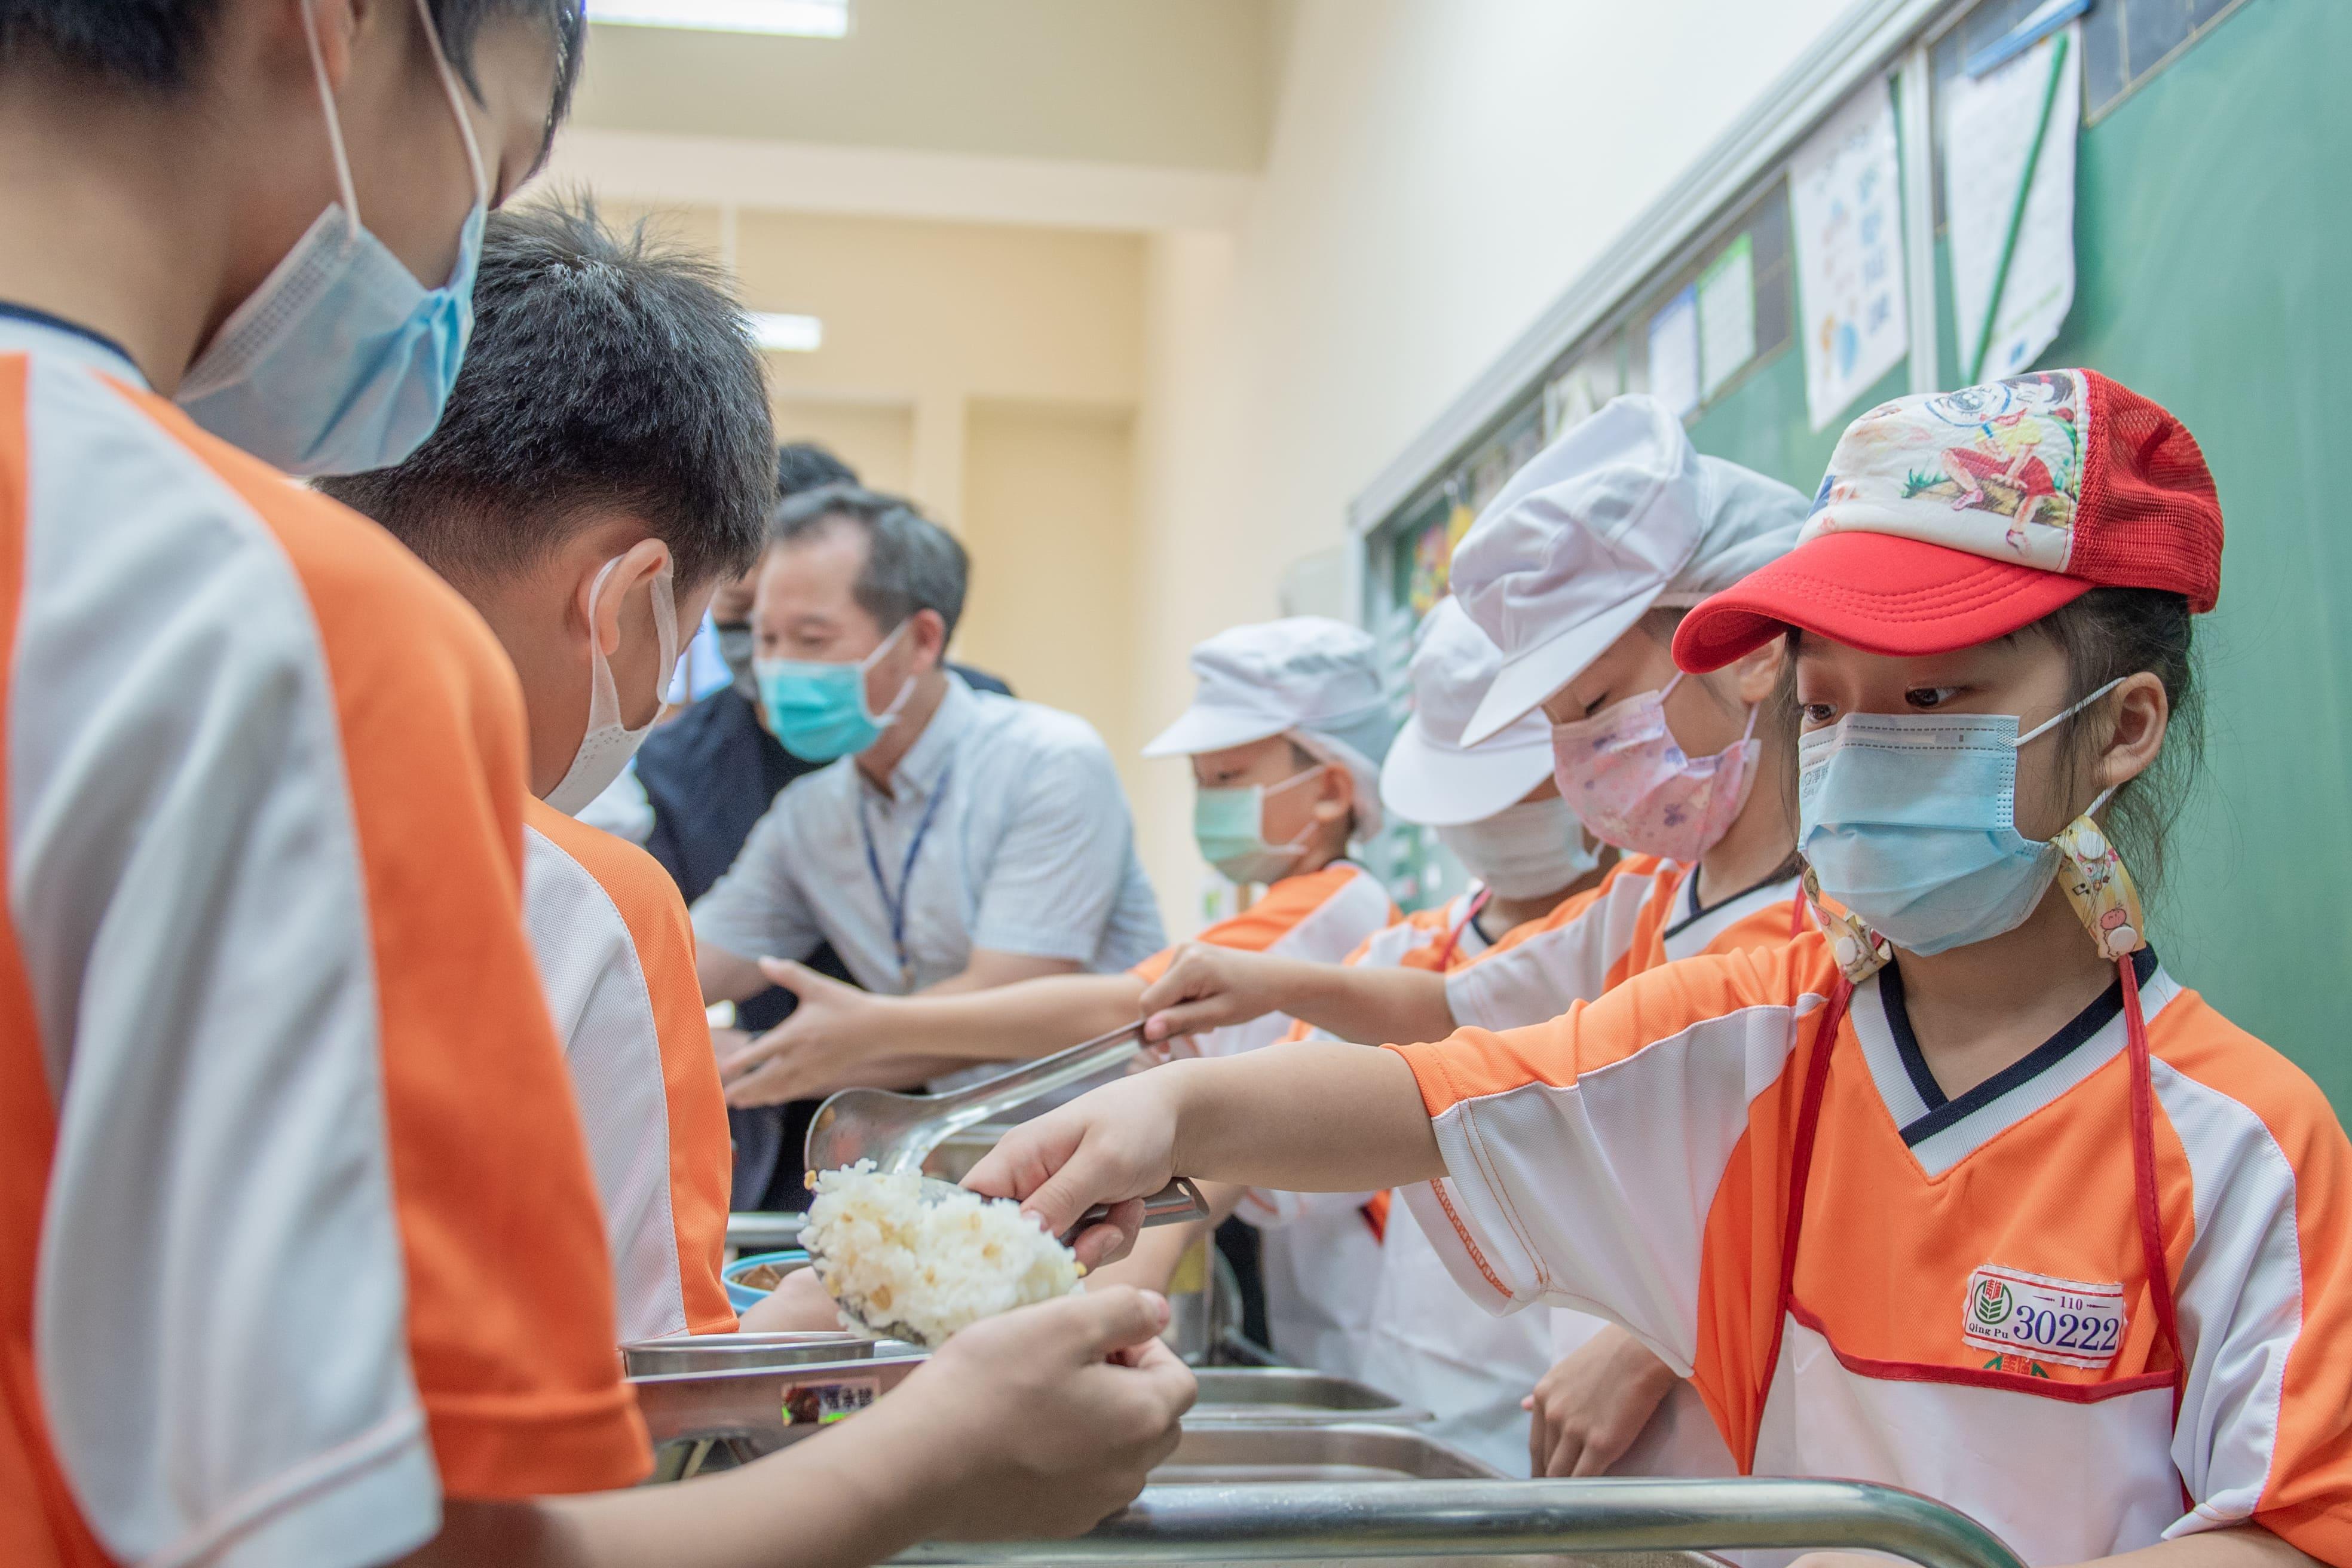 學校每天供餐結束後,餐桶餐具皆會進行高溫消毒殺菌,以確保供餐環境衛生安全